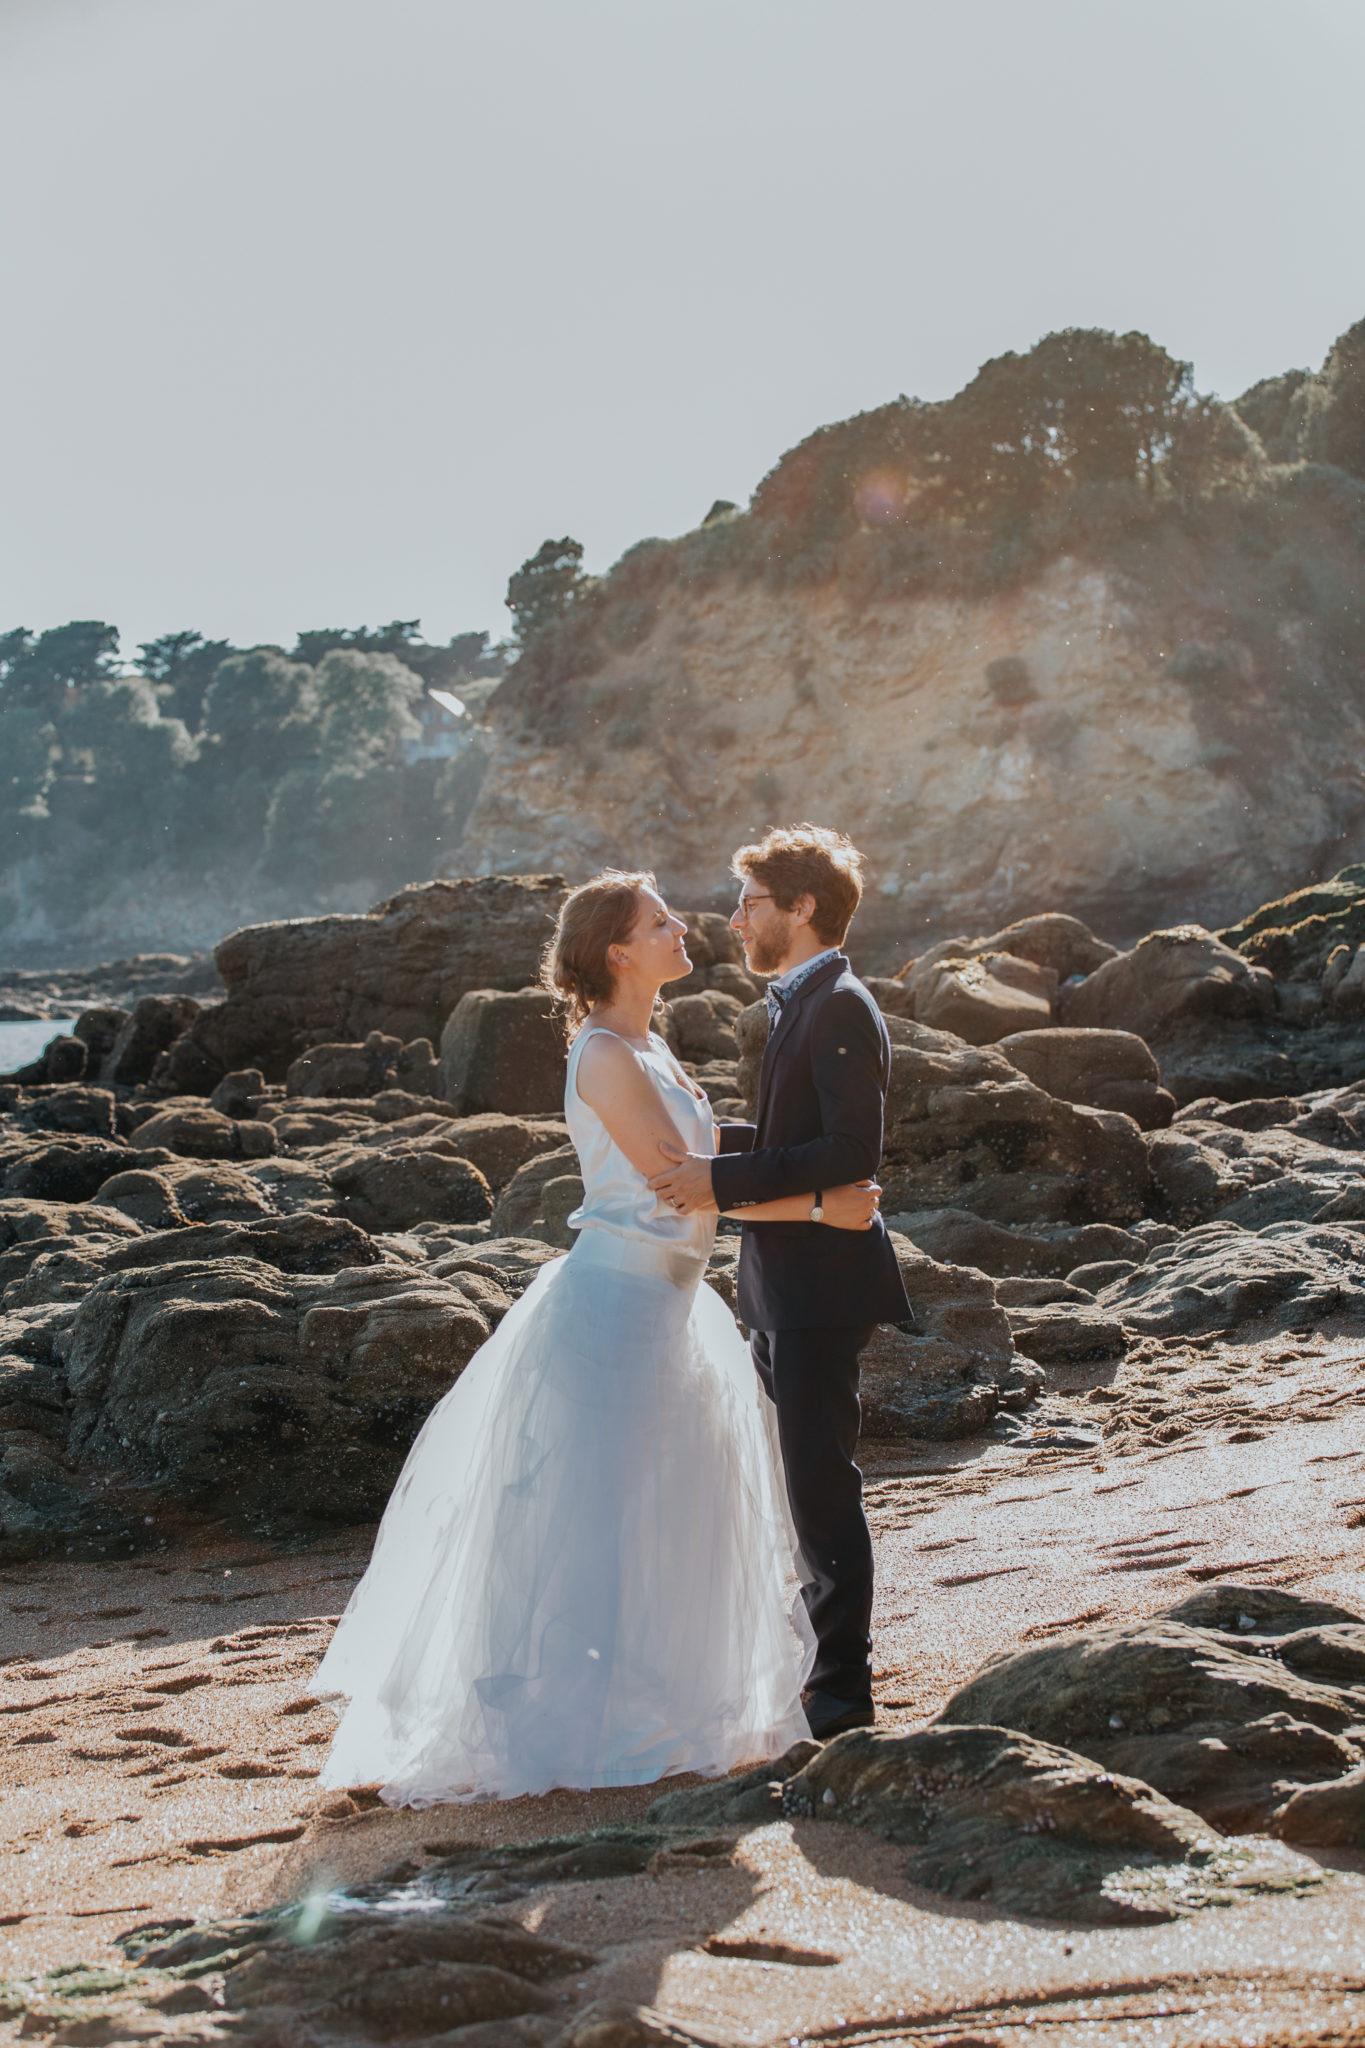 Portrait mariés plage golden hour Chateau-Saint-Marc St Nazaire La Baule Atlantique